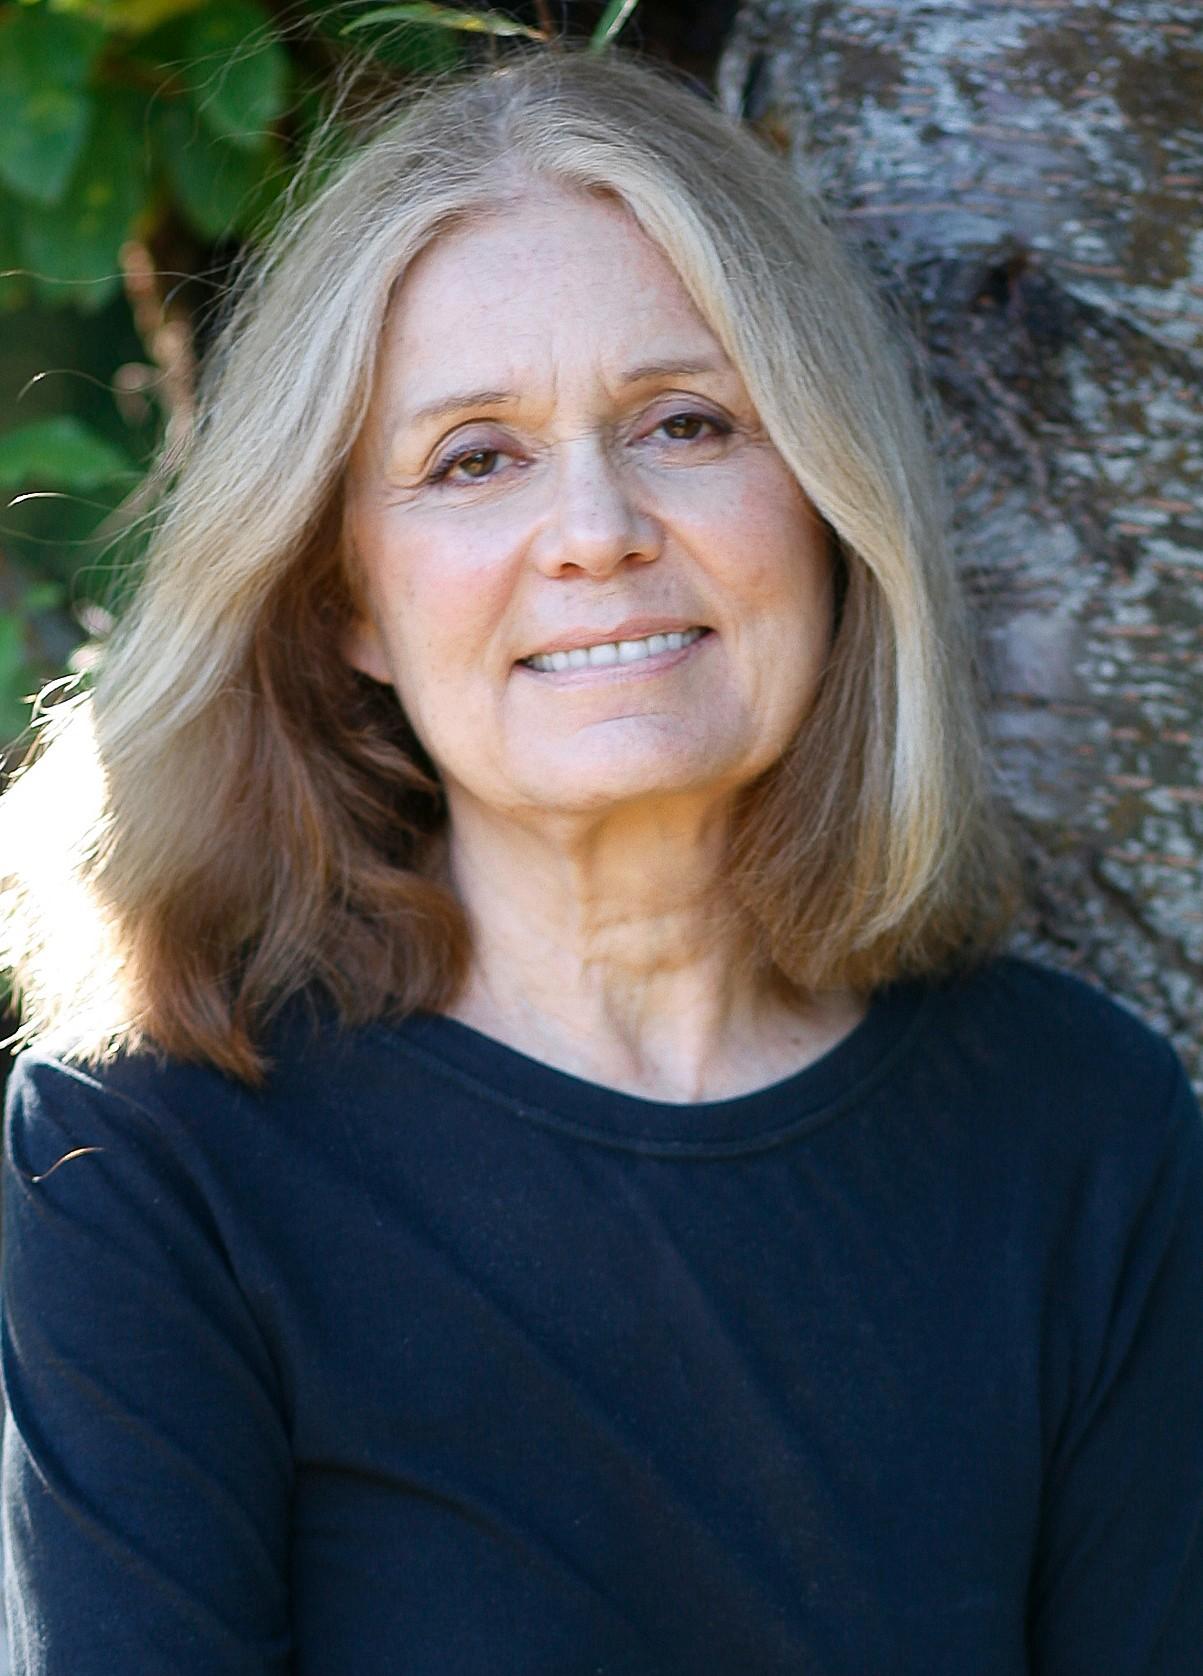 Gloria Steinem In Conversation With Cheryl Strayed At